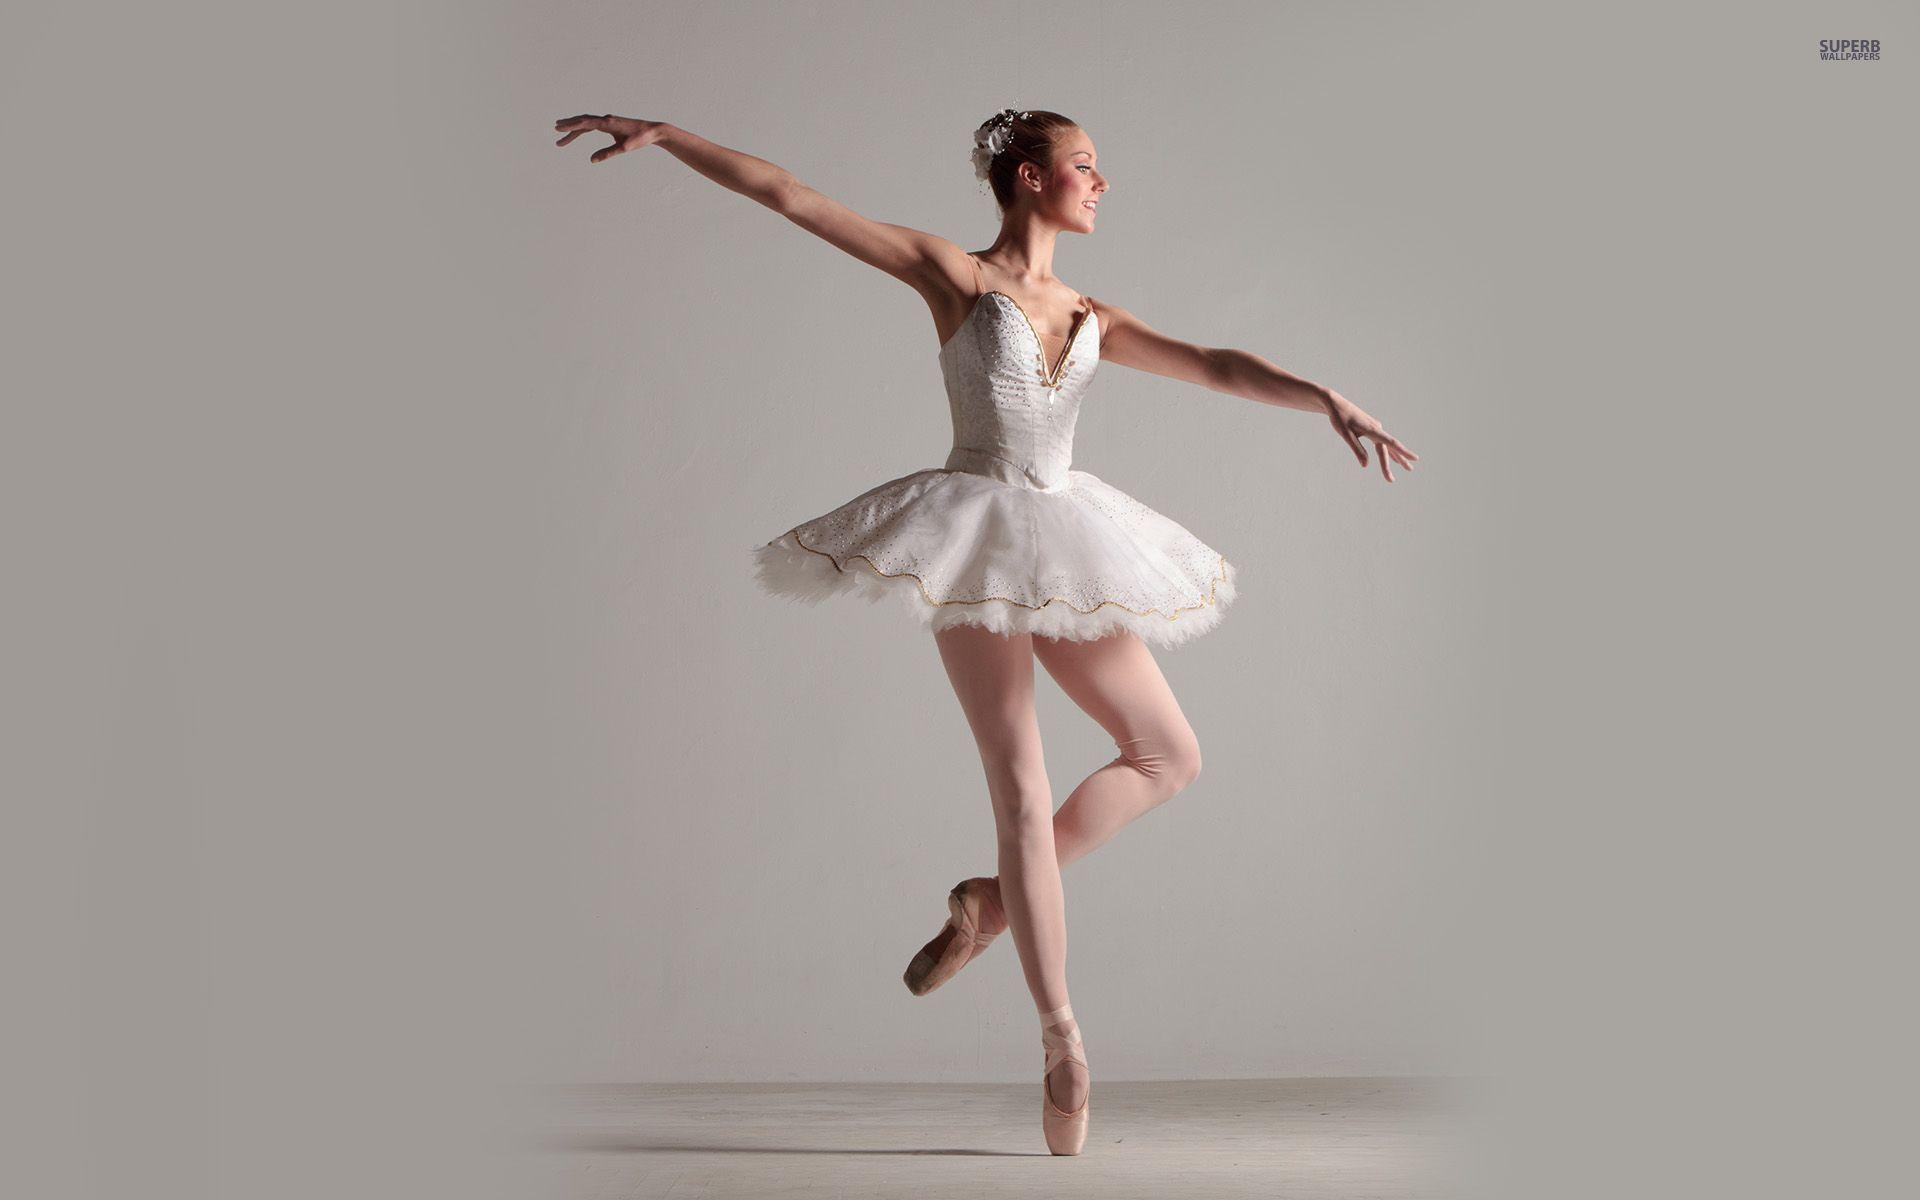 Risultati immagini per ballerina